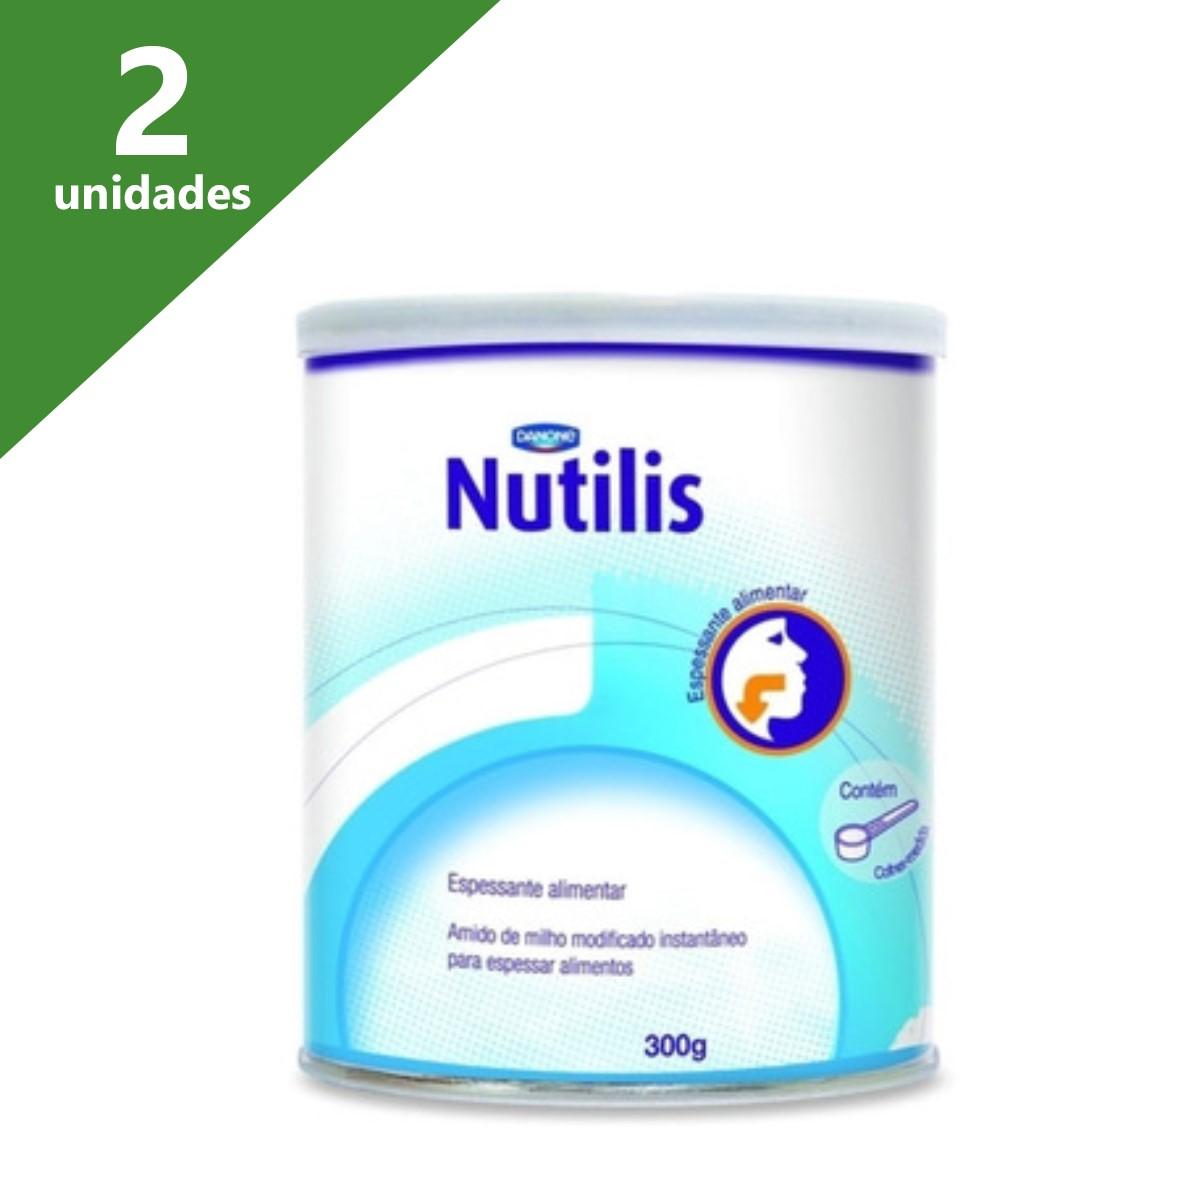 NUTILIS ESPESSANTE ALIMENTAR 300G (C/02) - DANONE